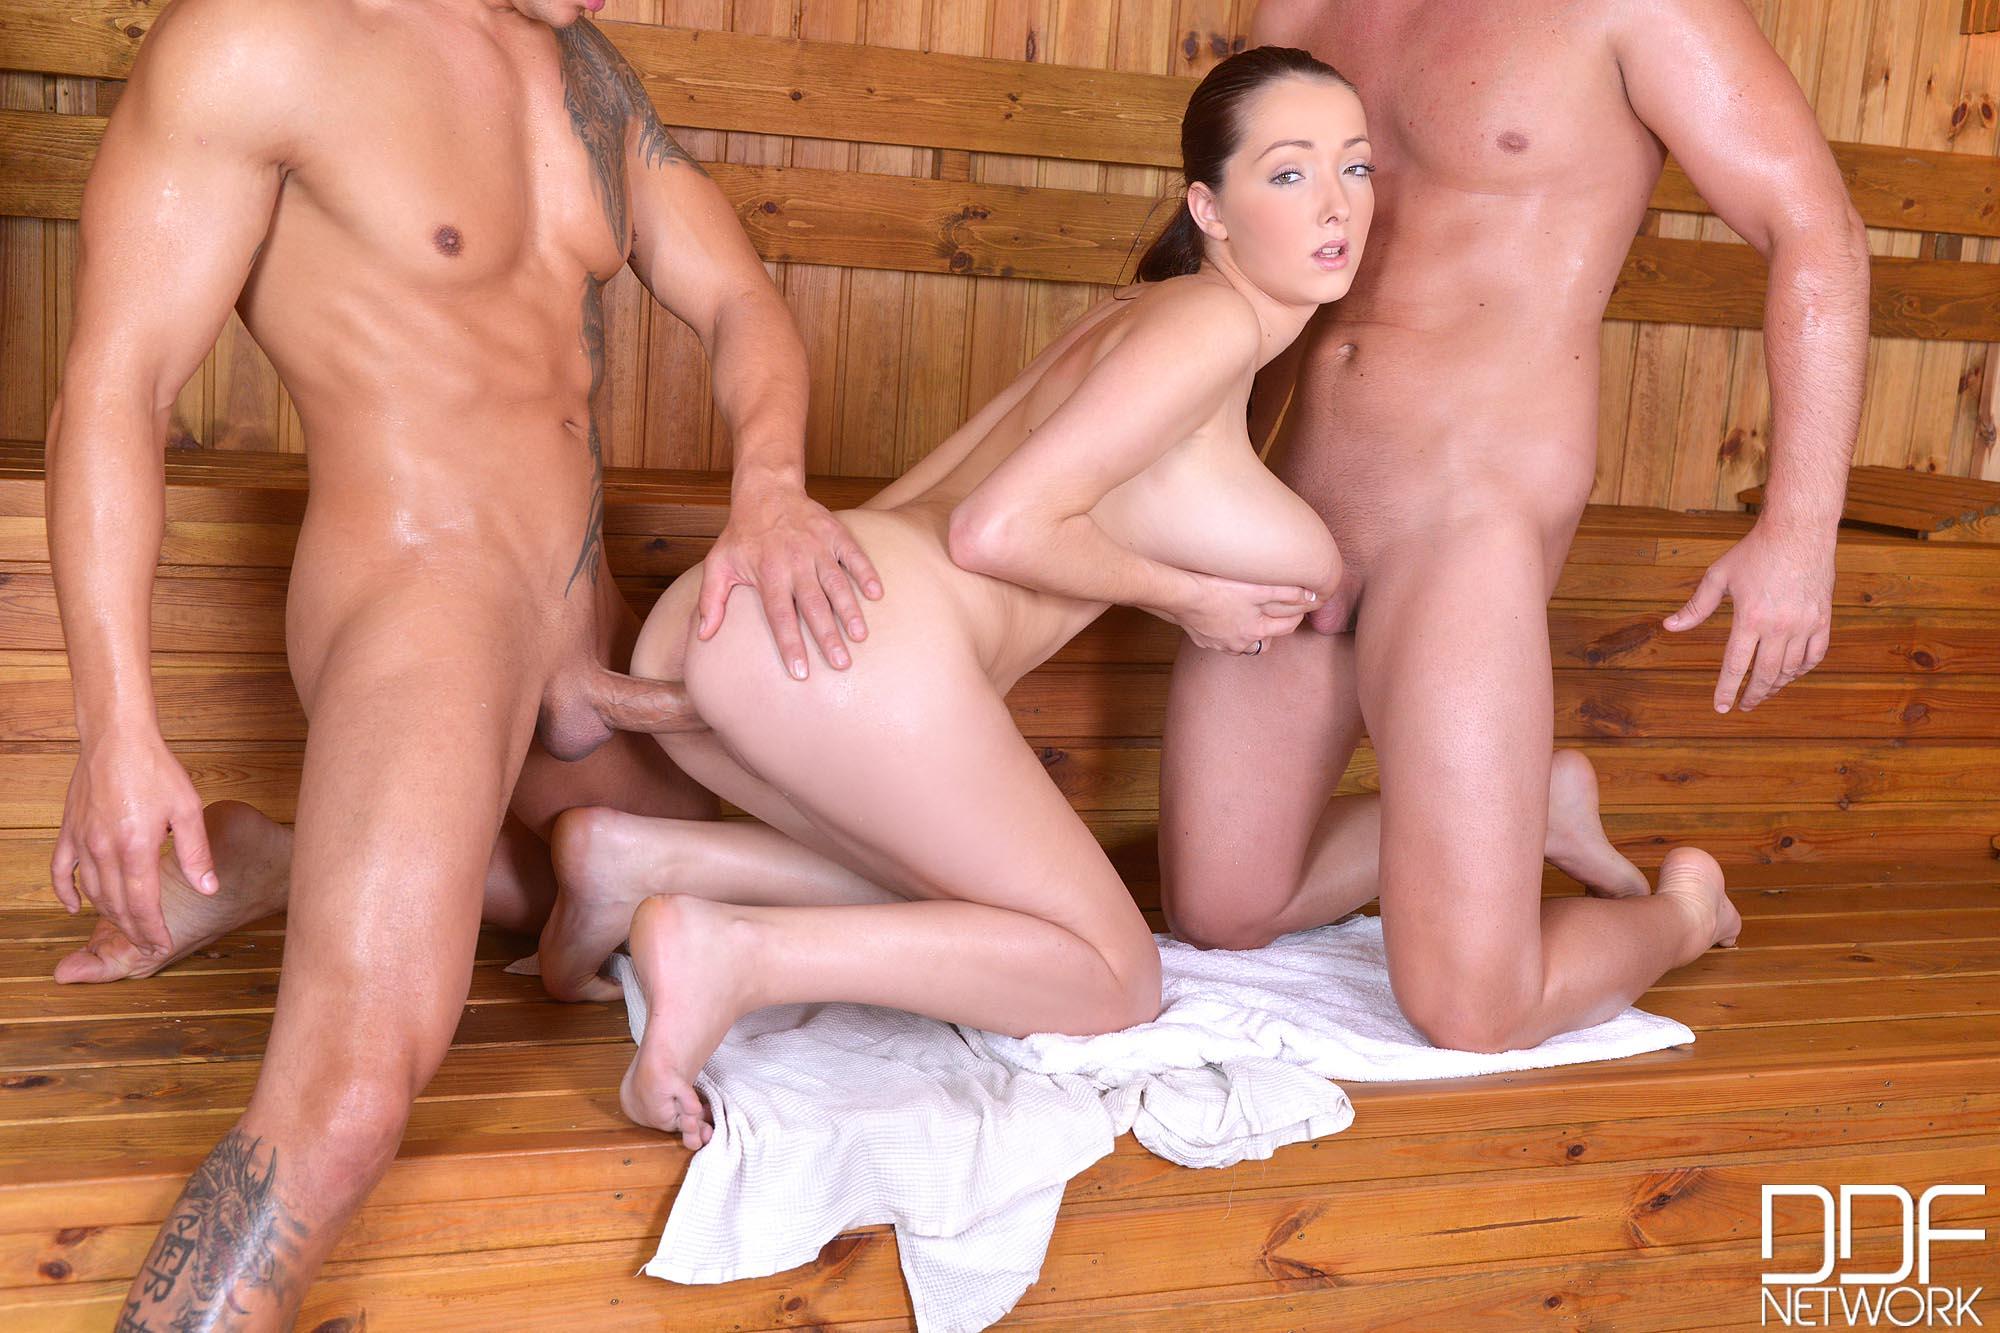 s-drugom-v-saune-realnoe